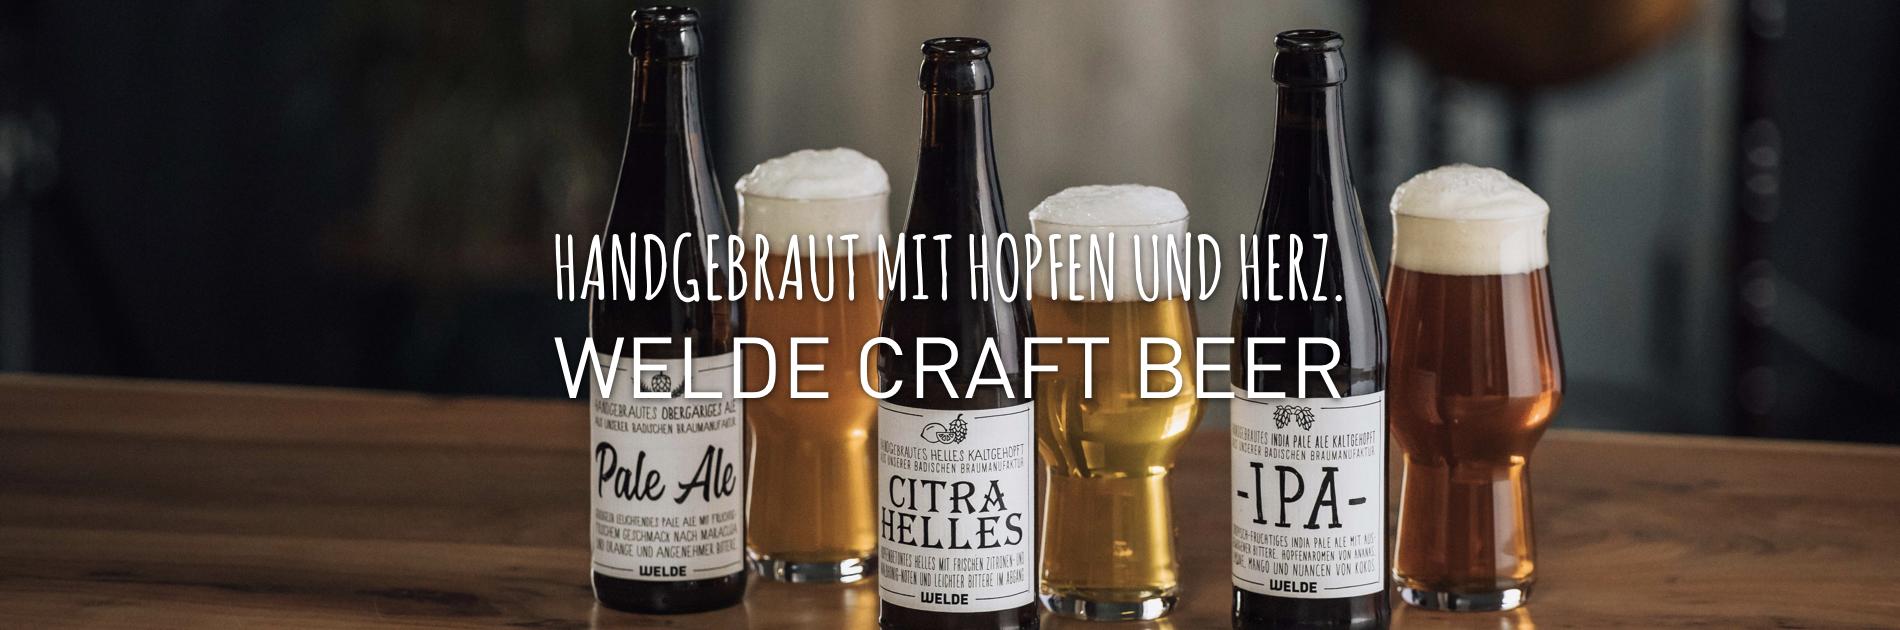 WELDE Craft Beer Sorten in Gläsern und Flasch